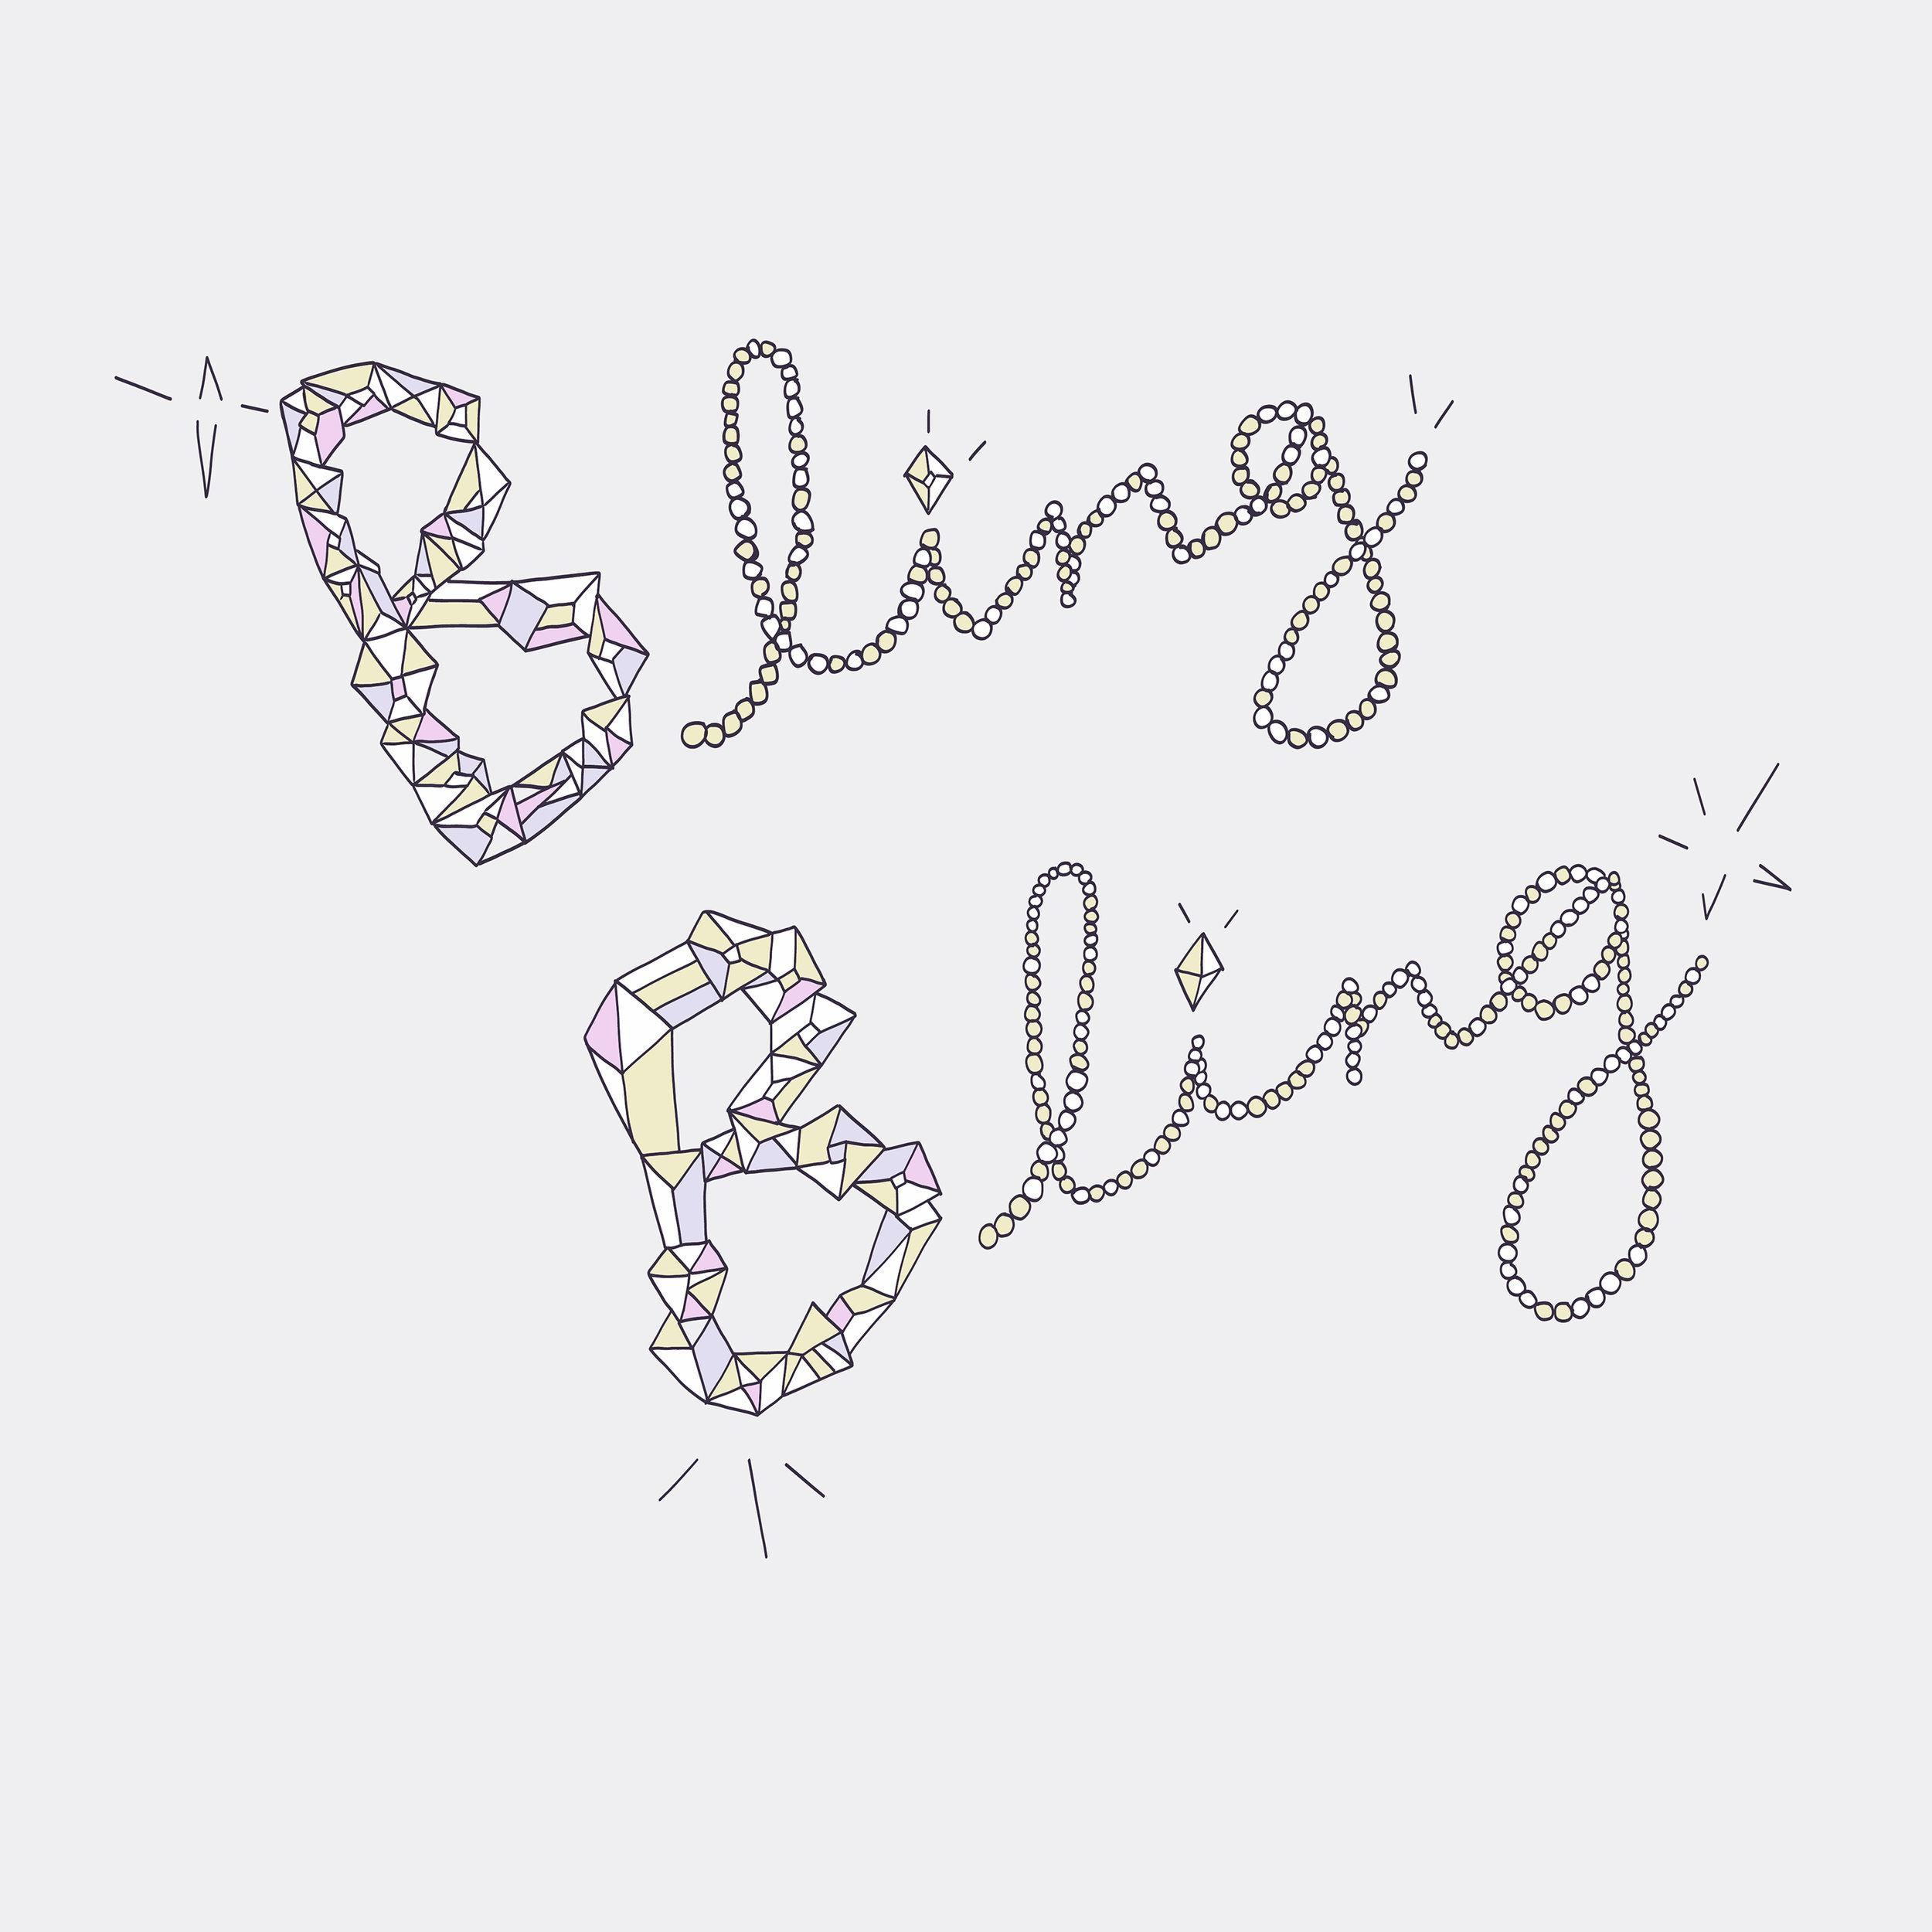 Pillow_Fight_Bling_Bling.jpg